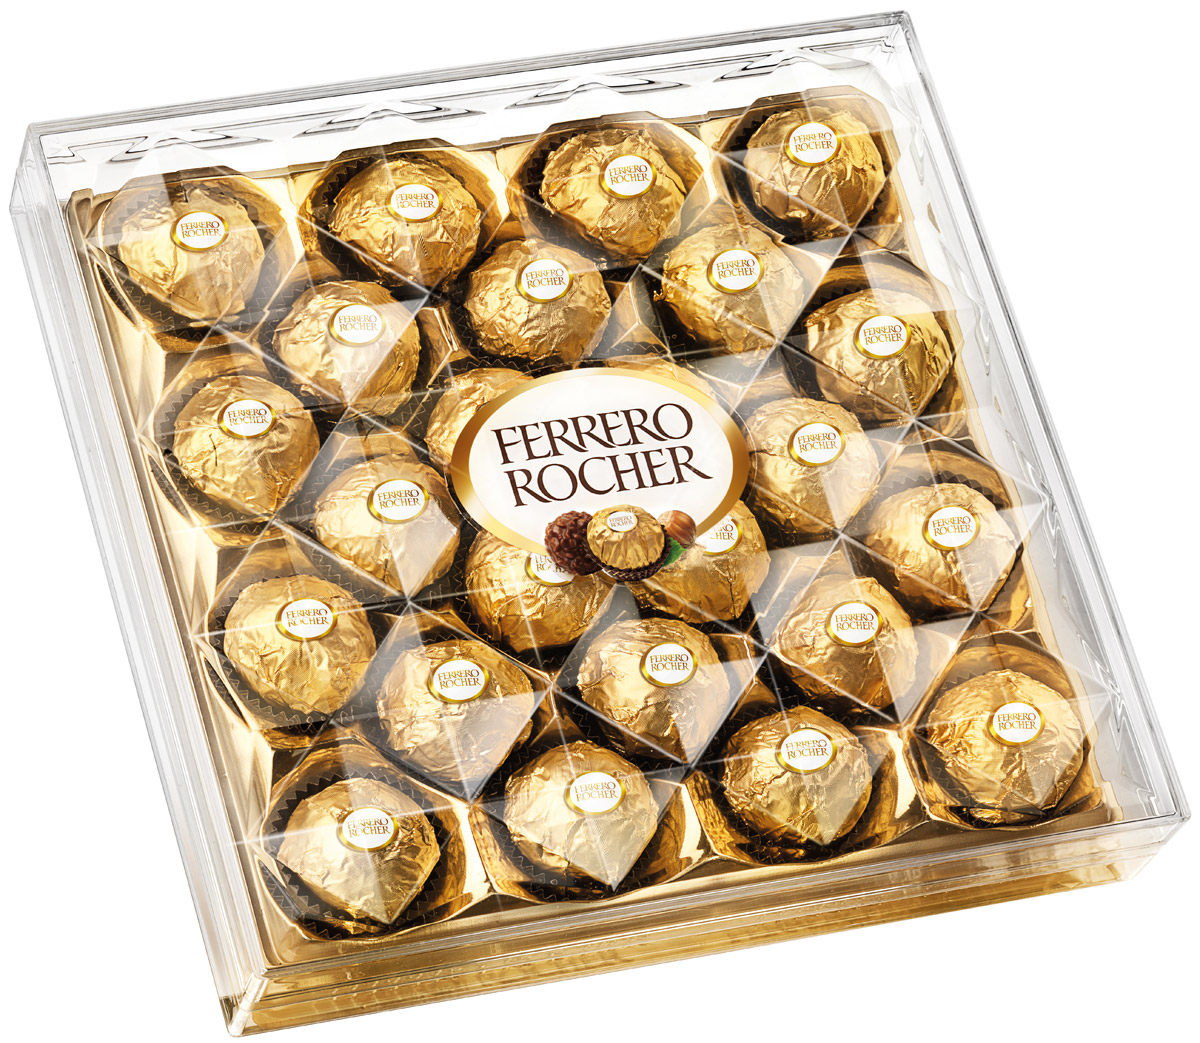 Ferrero Rocher конфеты хрустящие из молочного шоколада, покрытые измельченными орешками, с начинкой из крема и лесного ореха, 300 г kinder choco bons конфеты из молочного шоколада с молочно ореховой начинкой 125 г